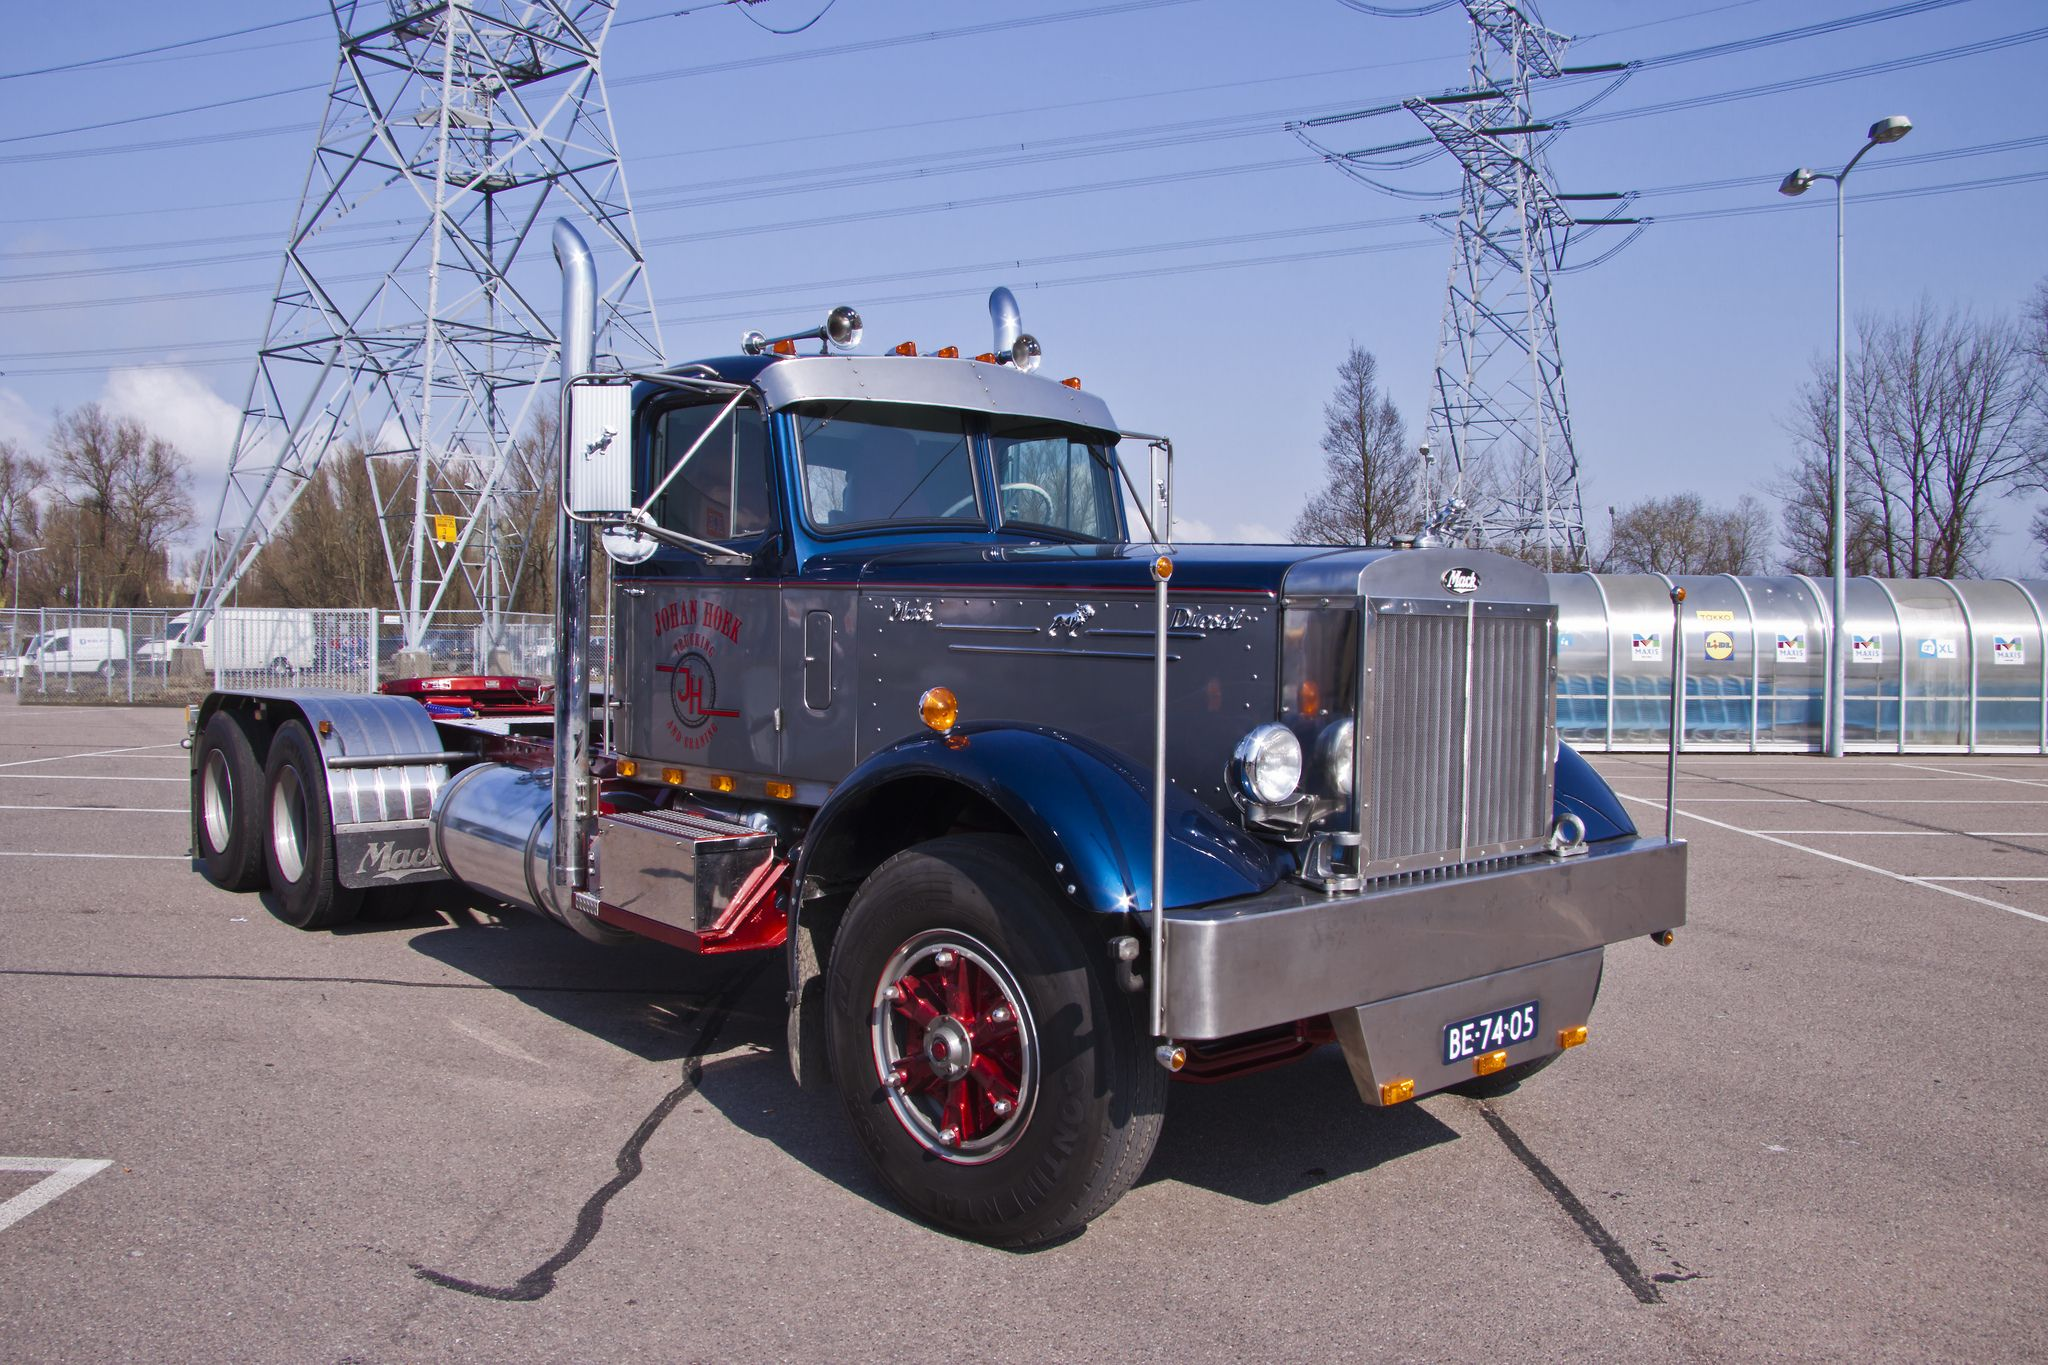 mack lt diesel 1954 [ 2048 x 1365 Pixel ]